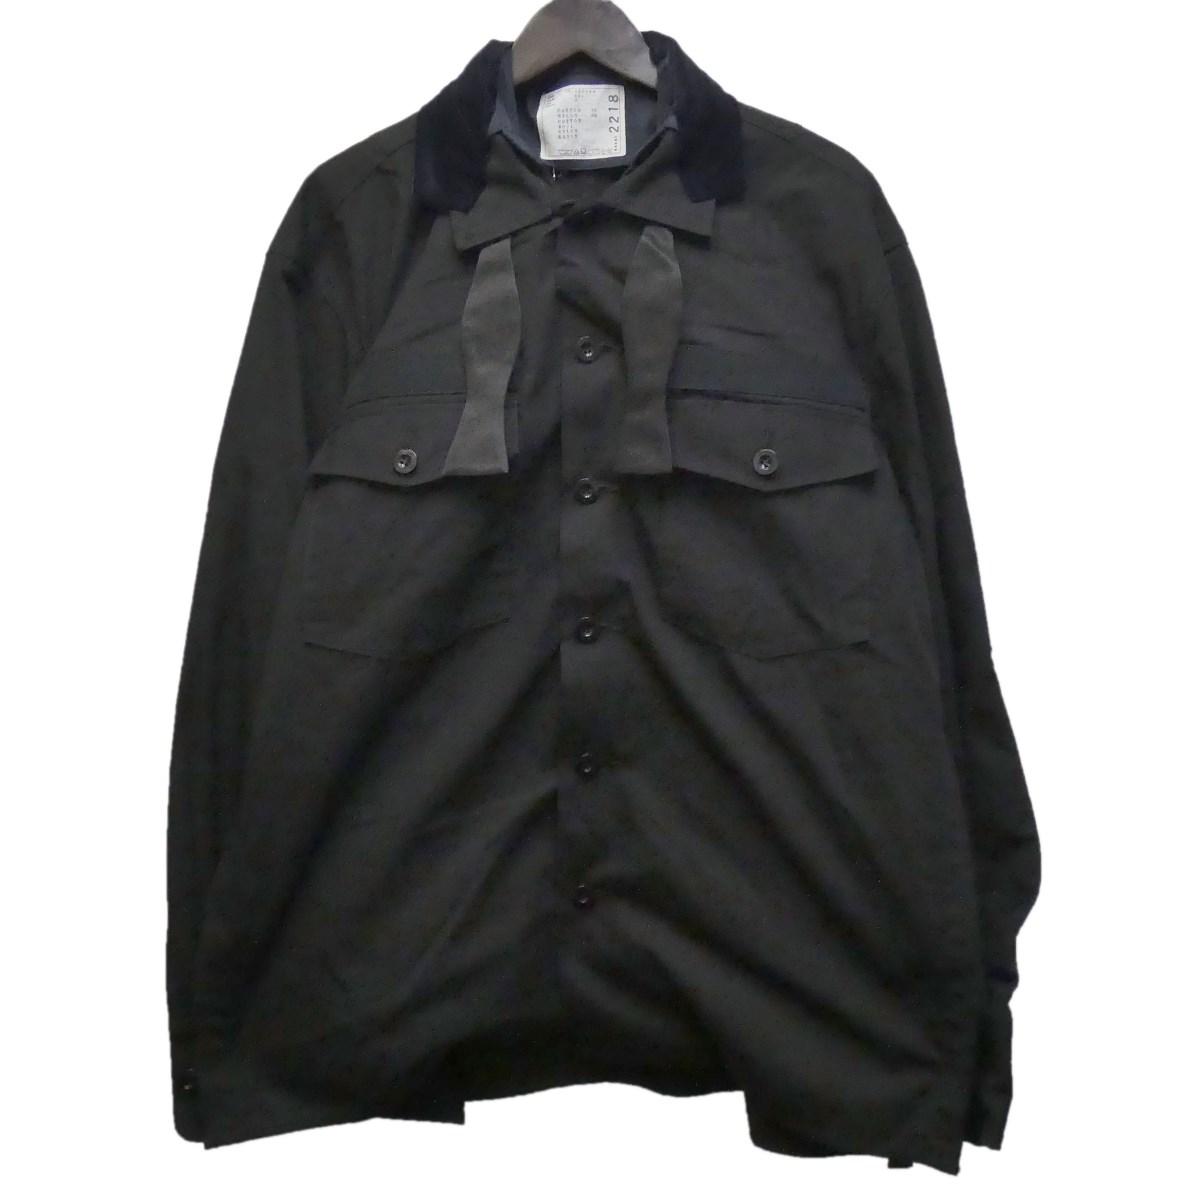 【中古】sacai 20SS 「Fabric Combo Shirt」 ファブリックコンボシャツジャケット ブラック サイズ:2 【290320】(サカイ)